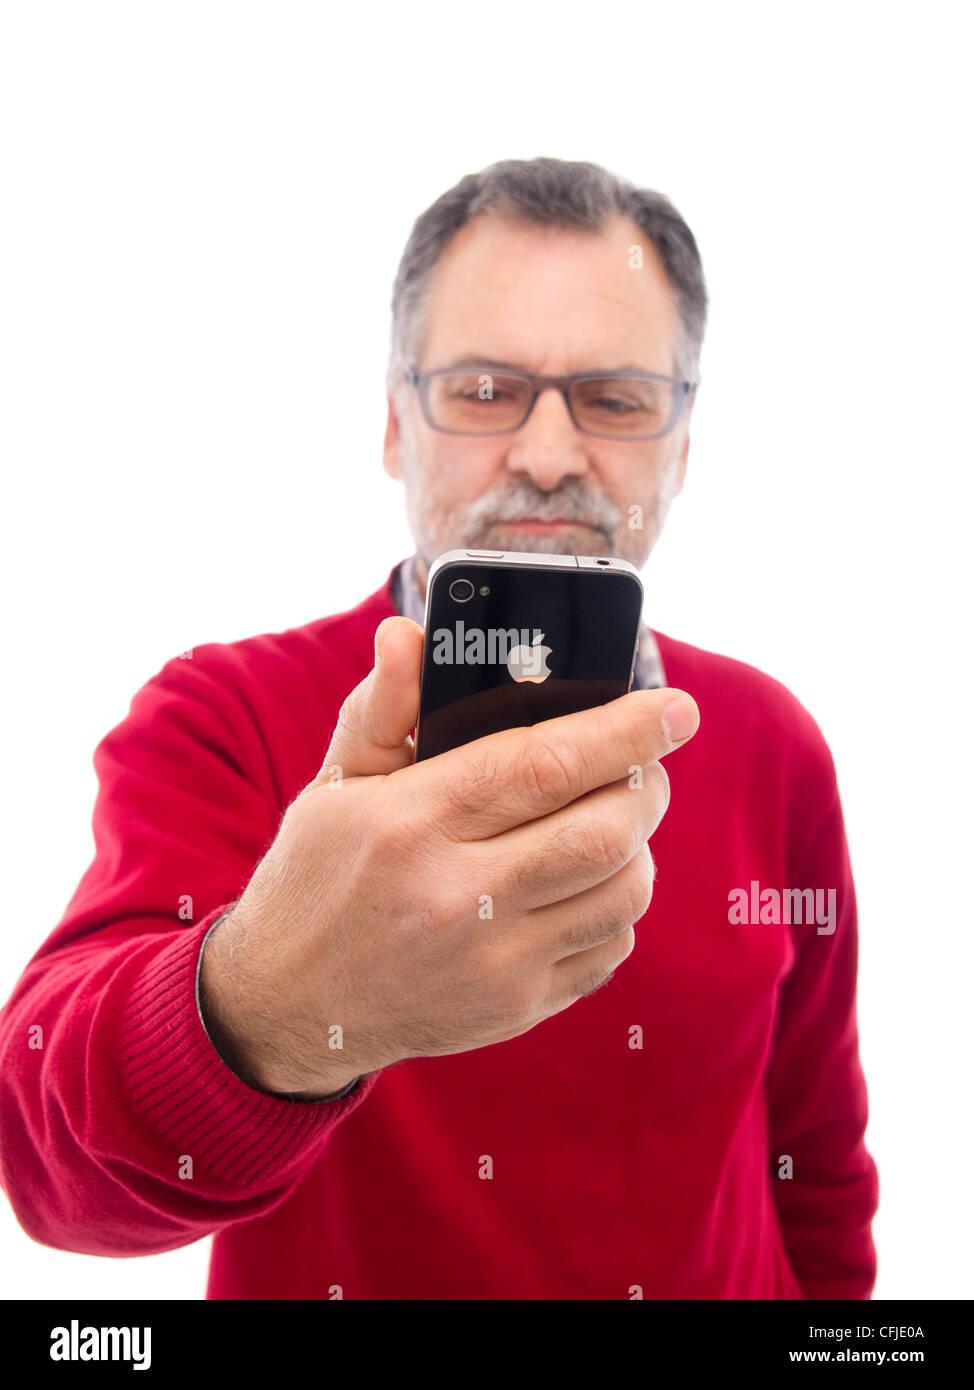 Uomo Di Mezza Età Tenendo Iphone Isolati Su Sfondo Bianco Foto